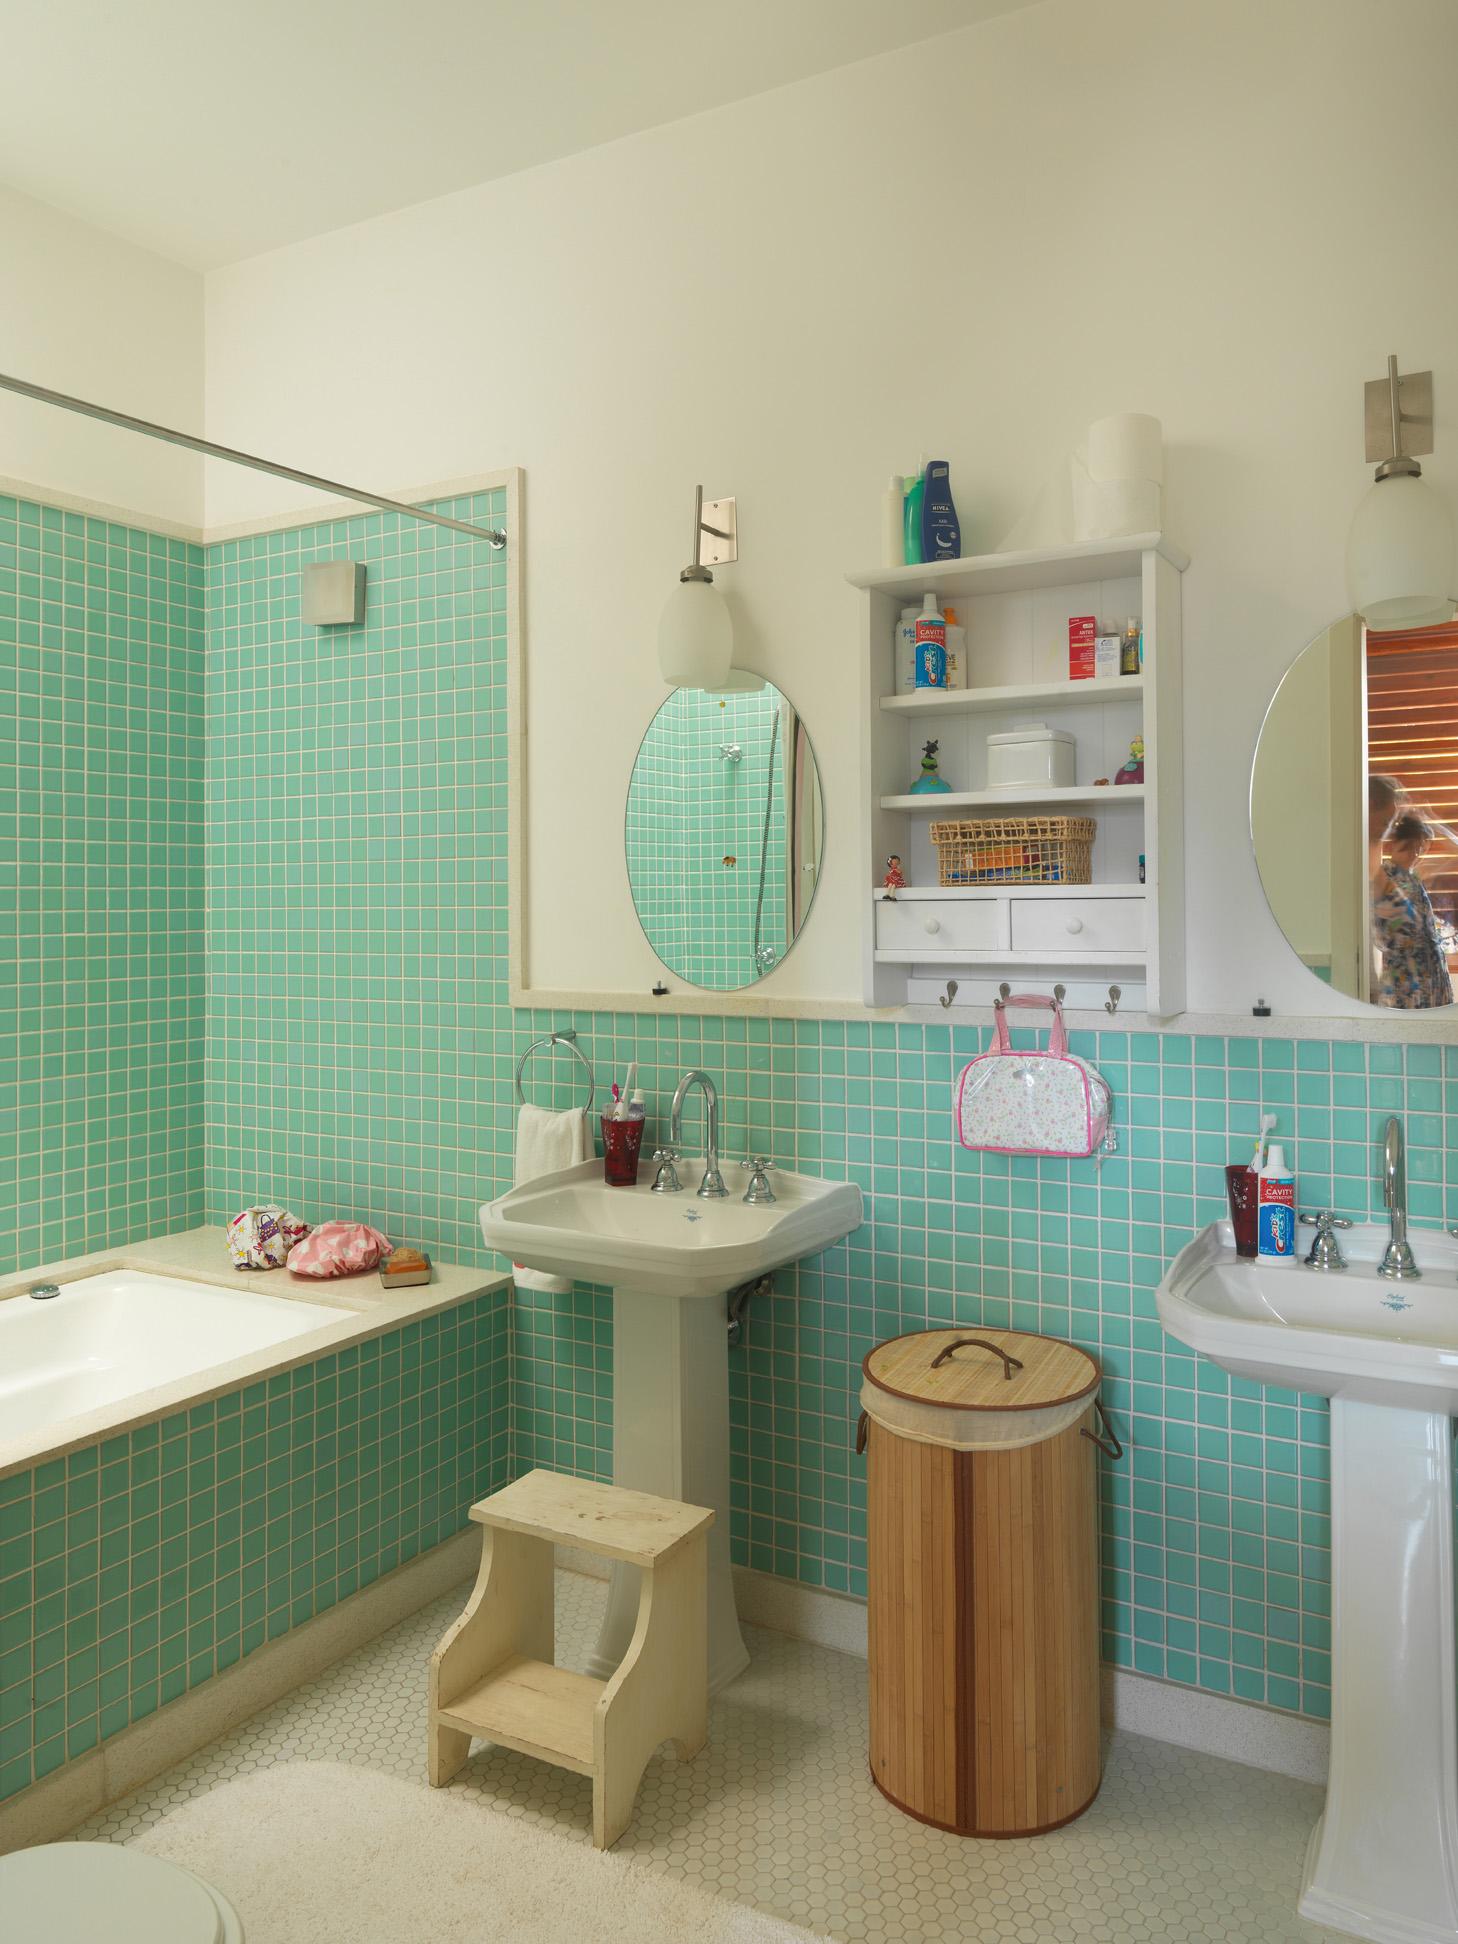 Verde-água - O banheiro foi todo reformado com pastilhas de vidro. Banquinho do Depósito Santa Fé